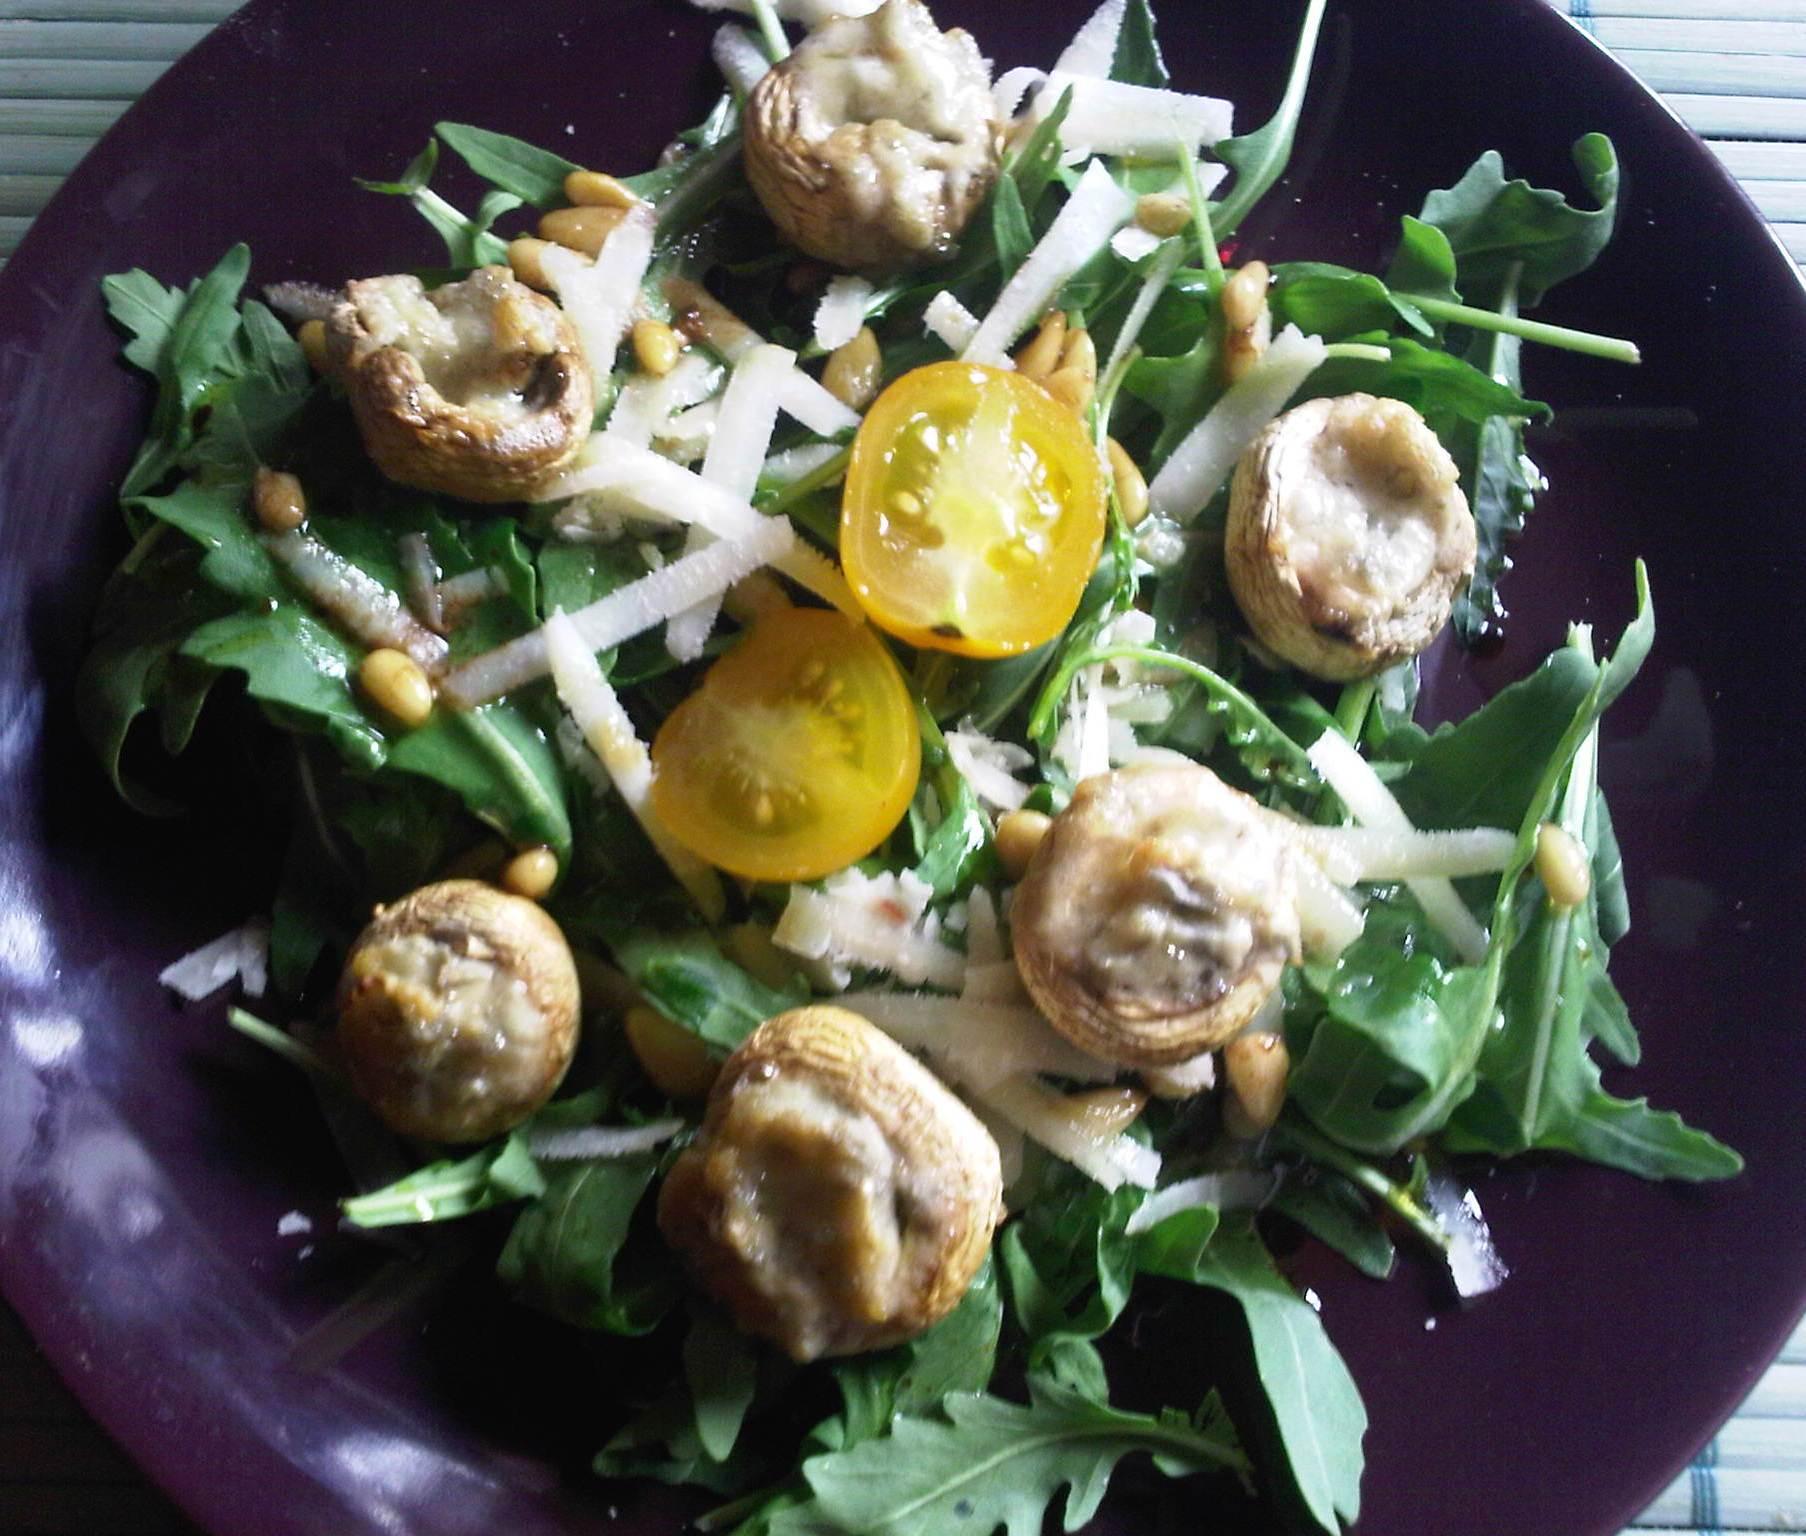 Salade de roquette et champignons ©SK